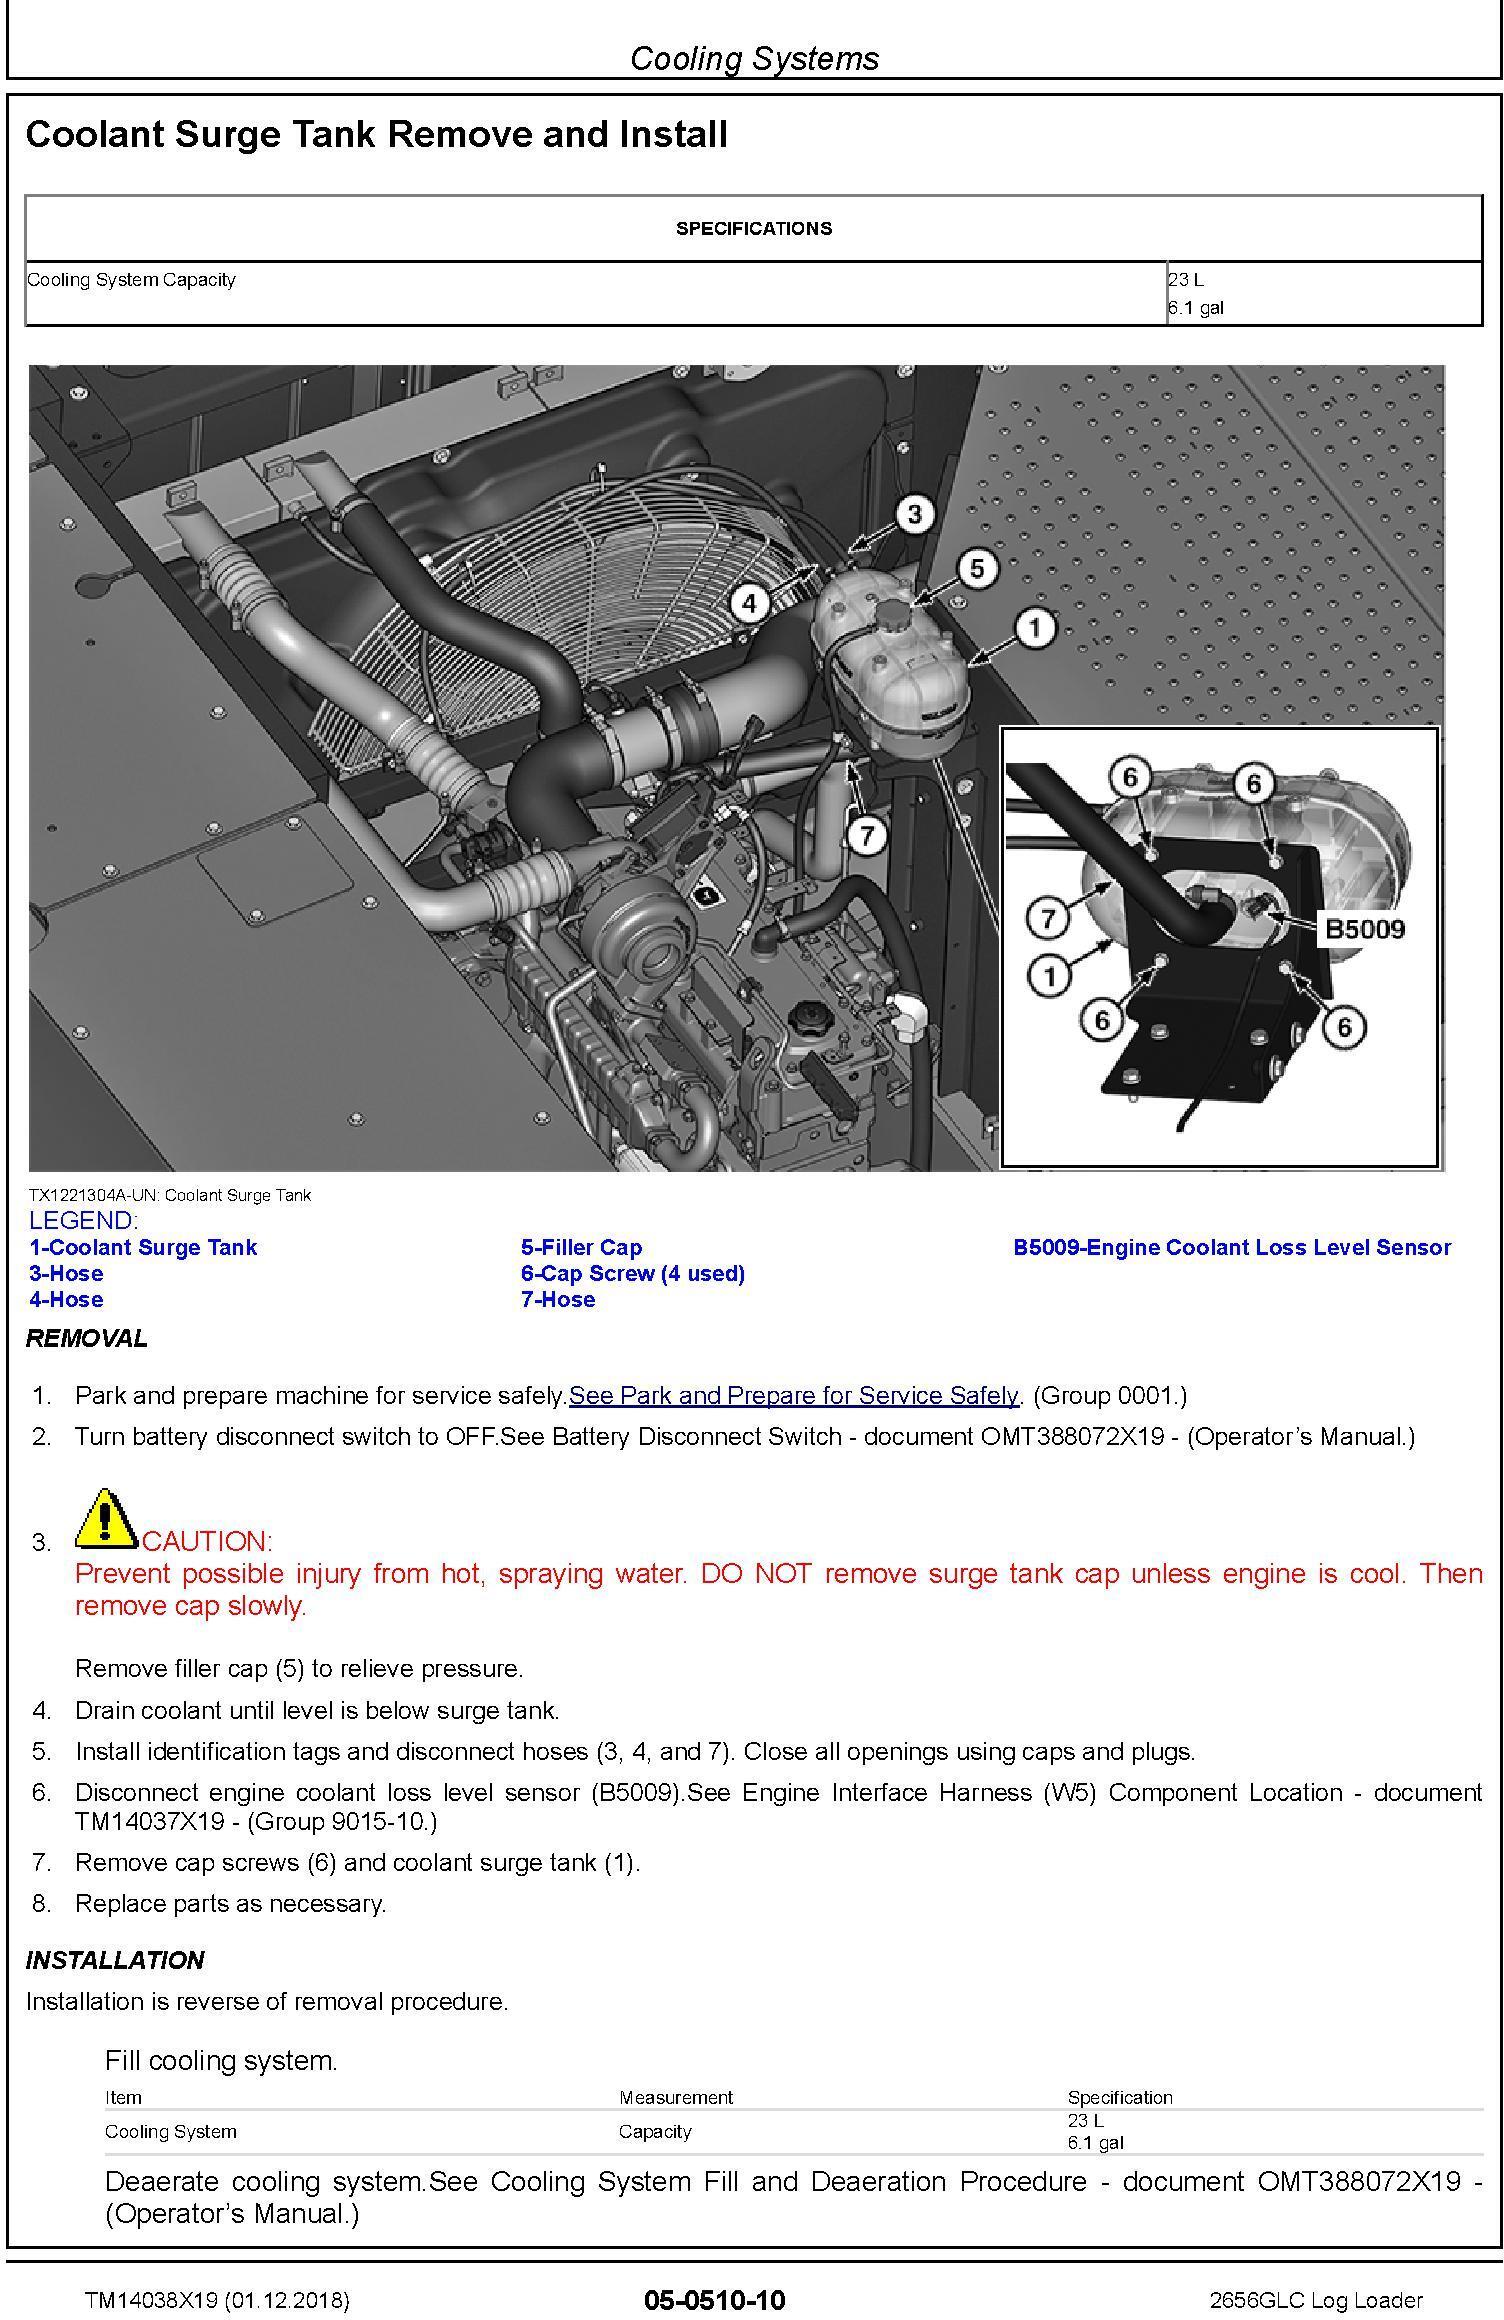 John Deere 2656GLC (SN. F266001-) Log Loader Service Repair Technical Manual (TM14038X19) - 3